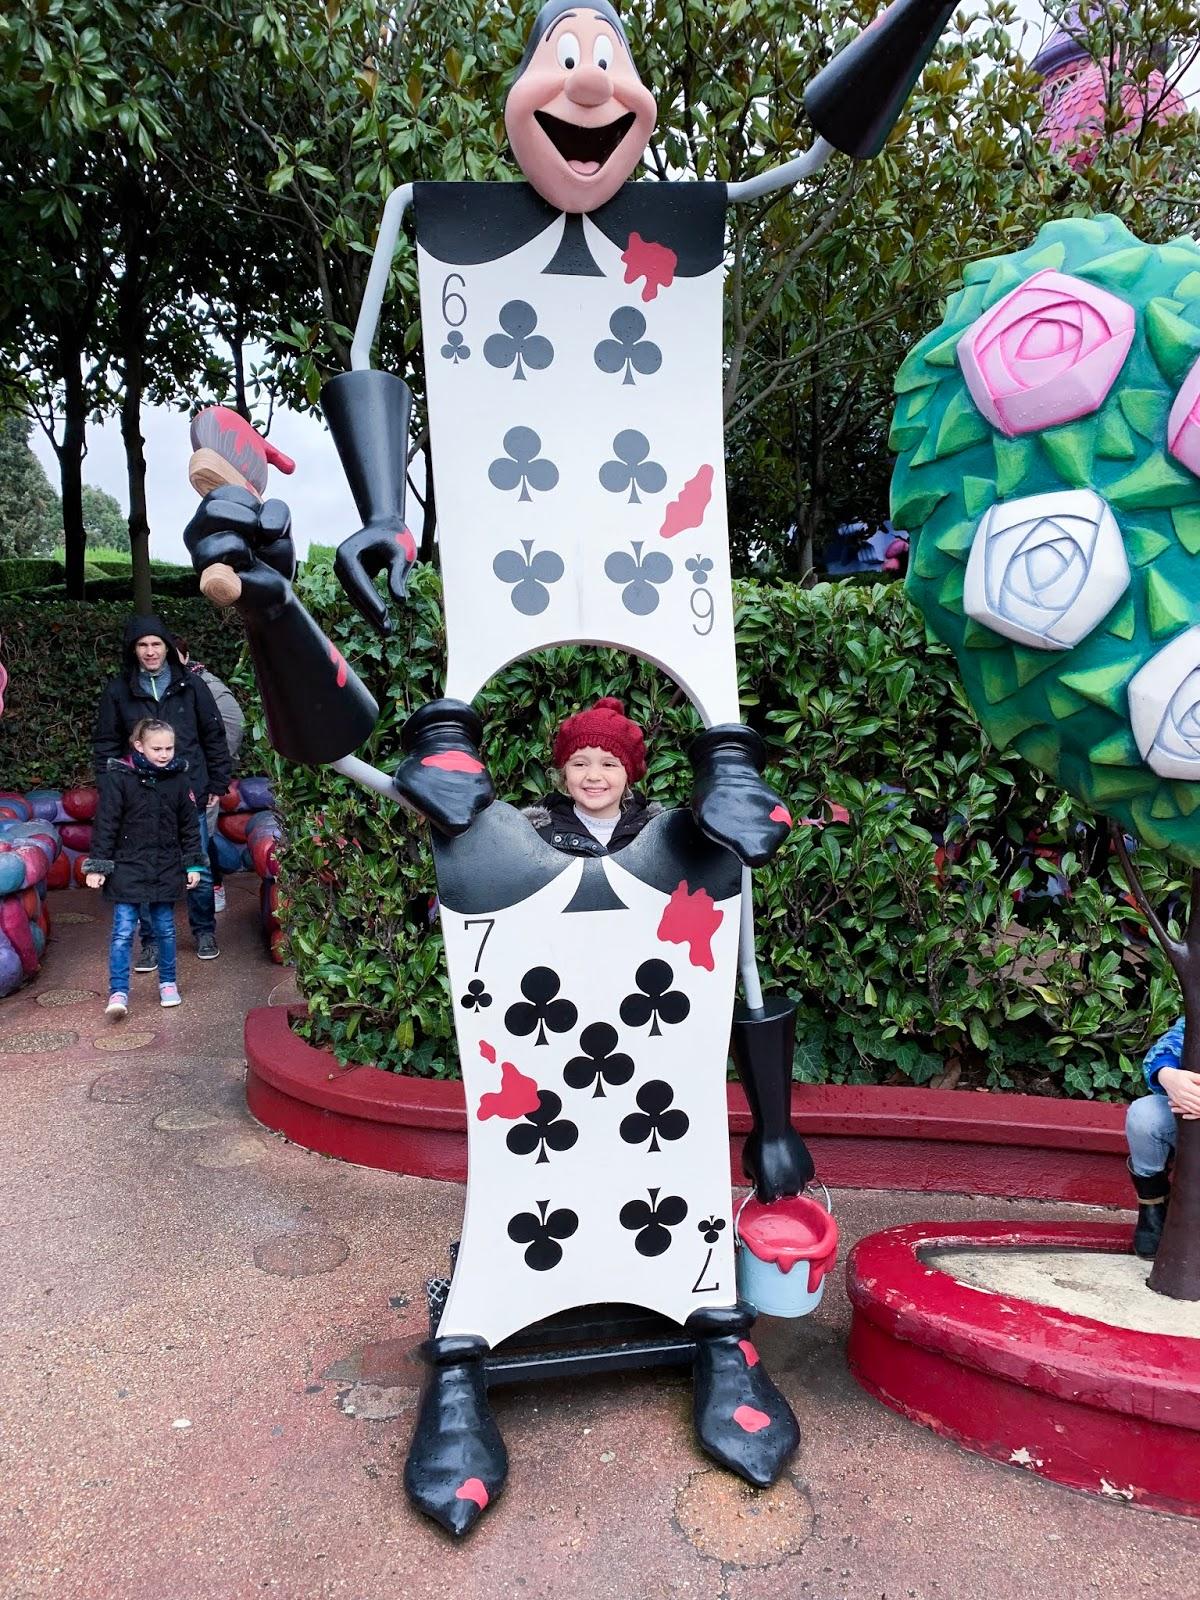 PricelessMickey90: la nostra esperienza a Disneyland per festeggiare il compleanno di Topolino insieme a Mastercard